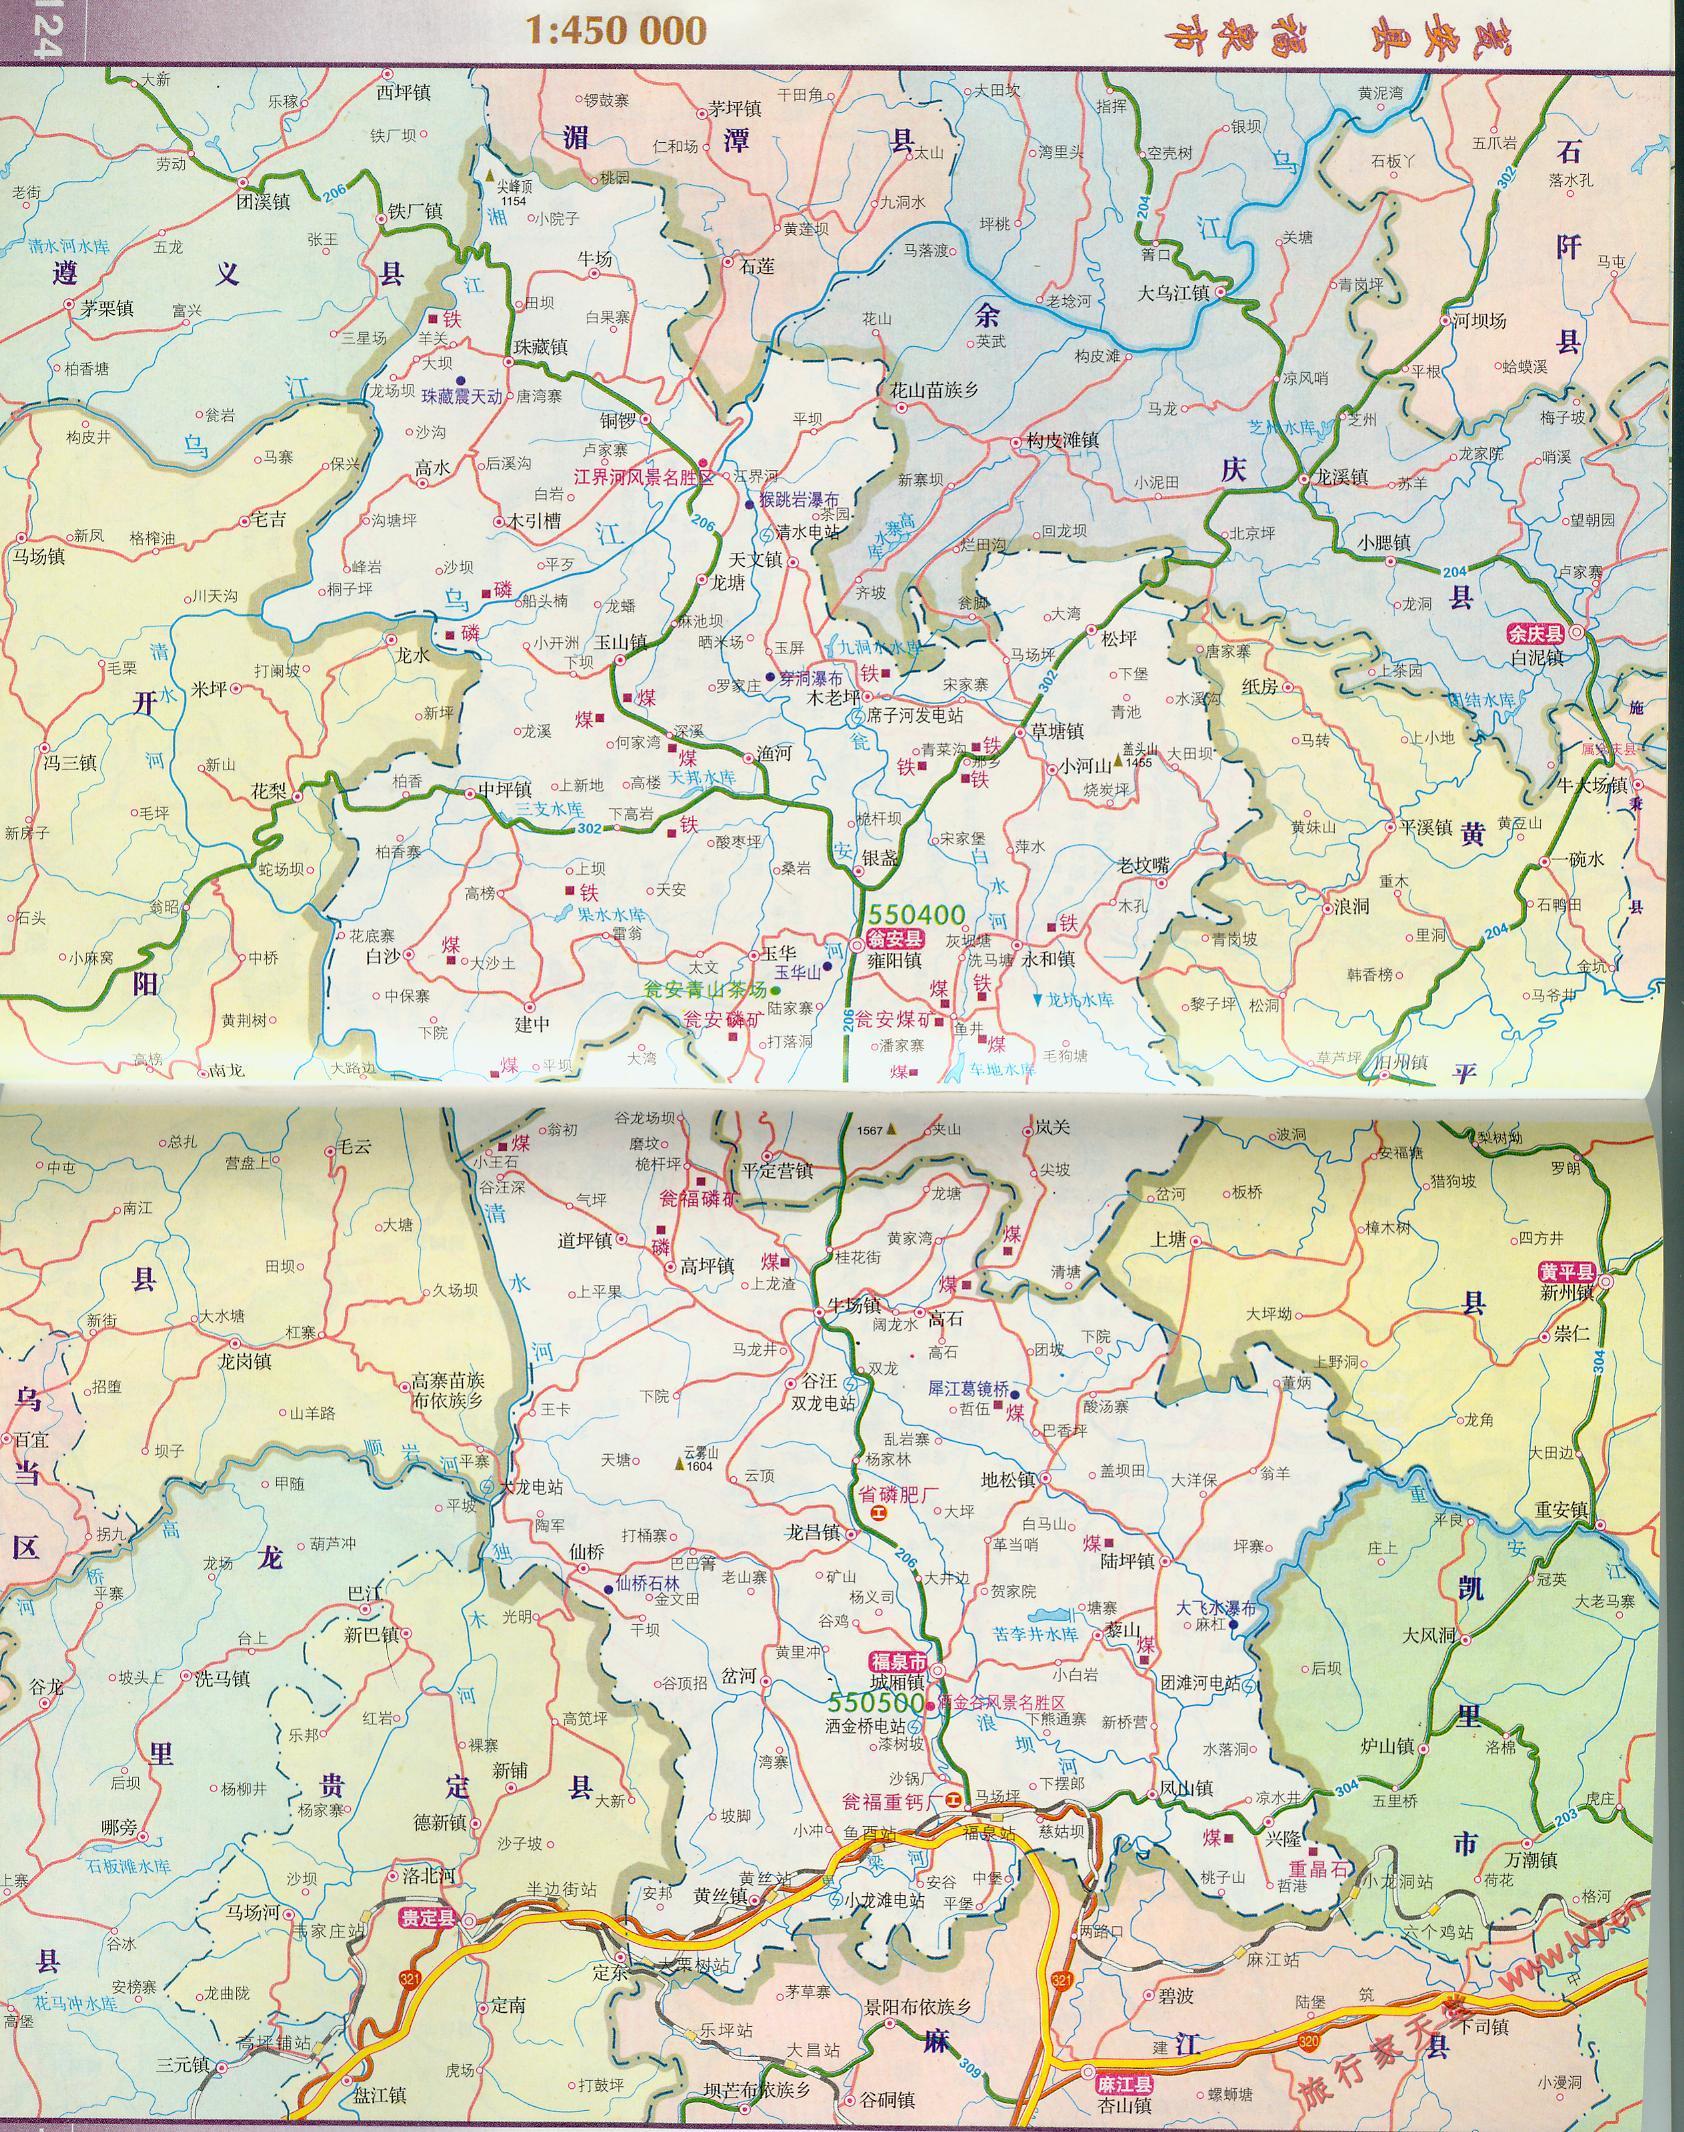 福泉市行政交通地图图片